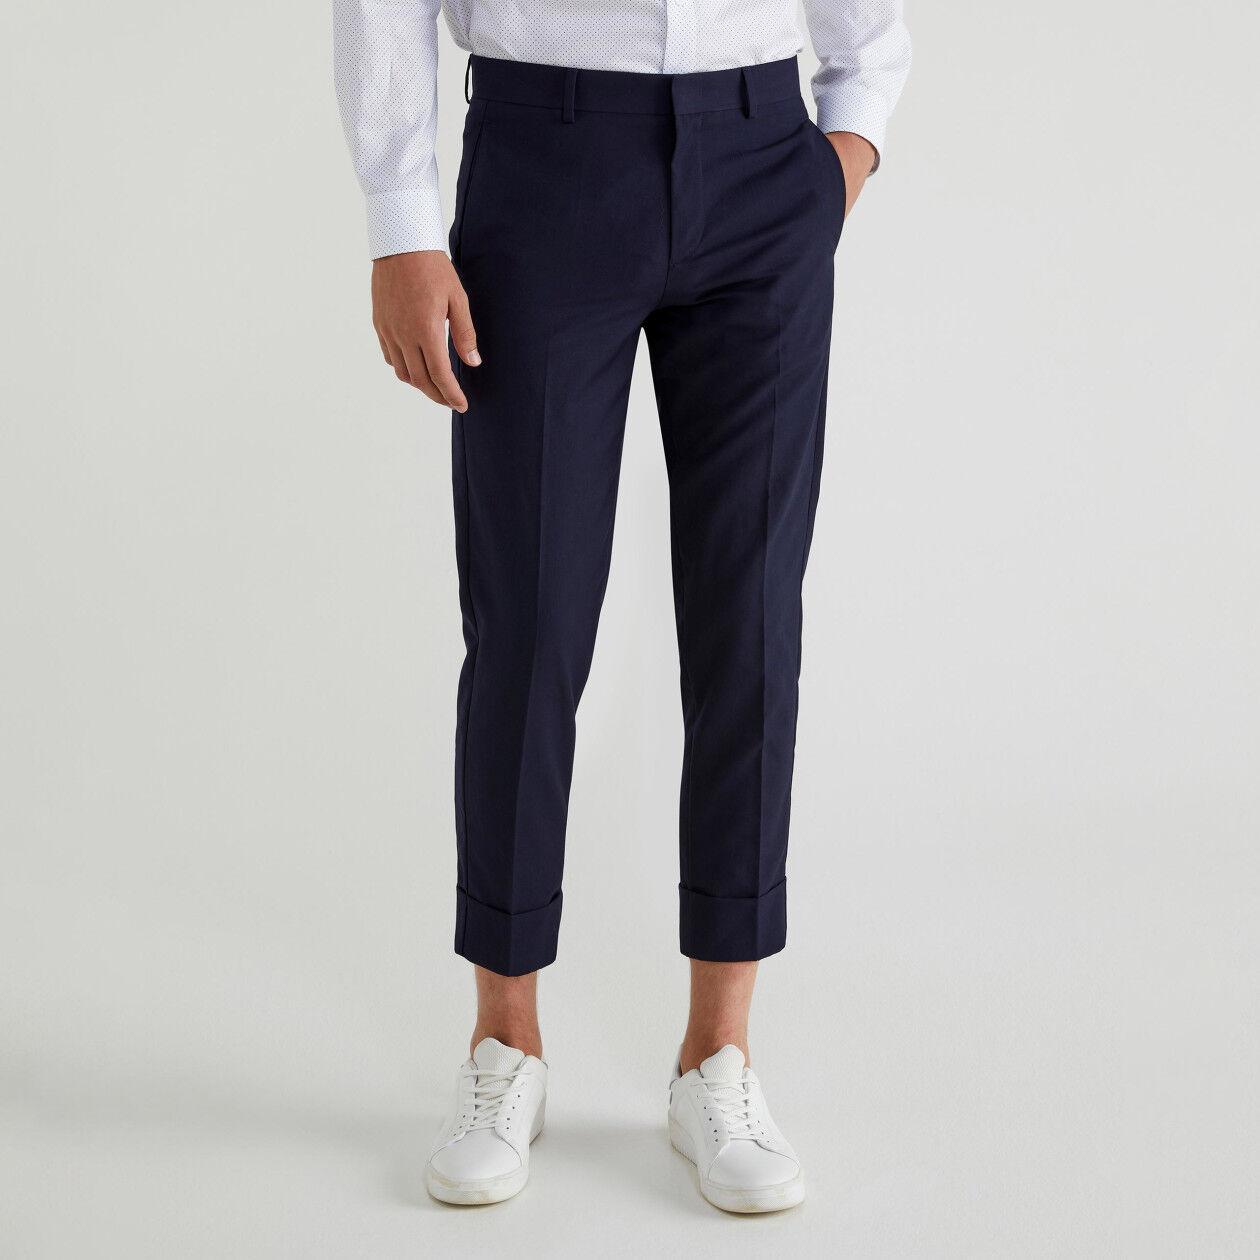 Pantalones chinos con raya y vuelta en el bajo